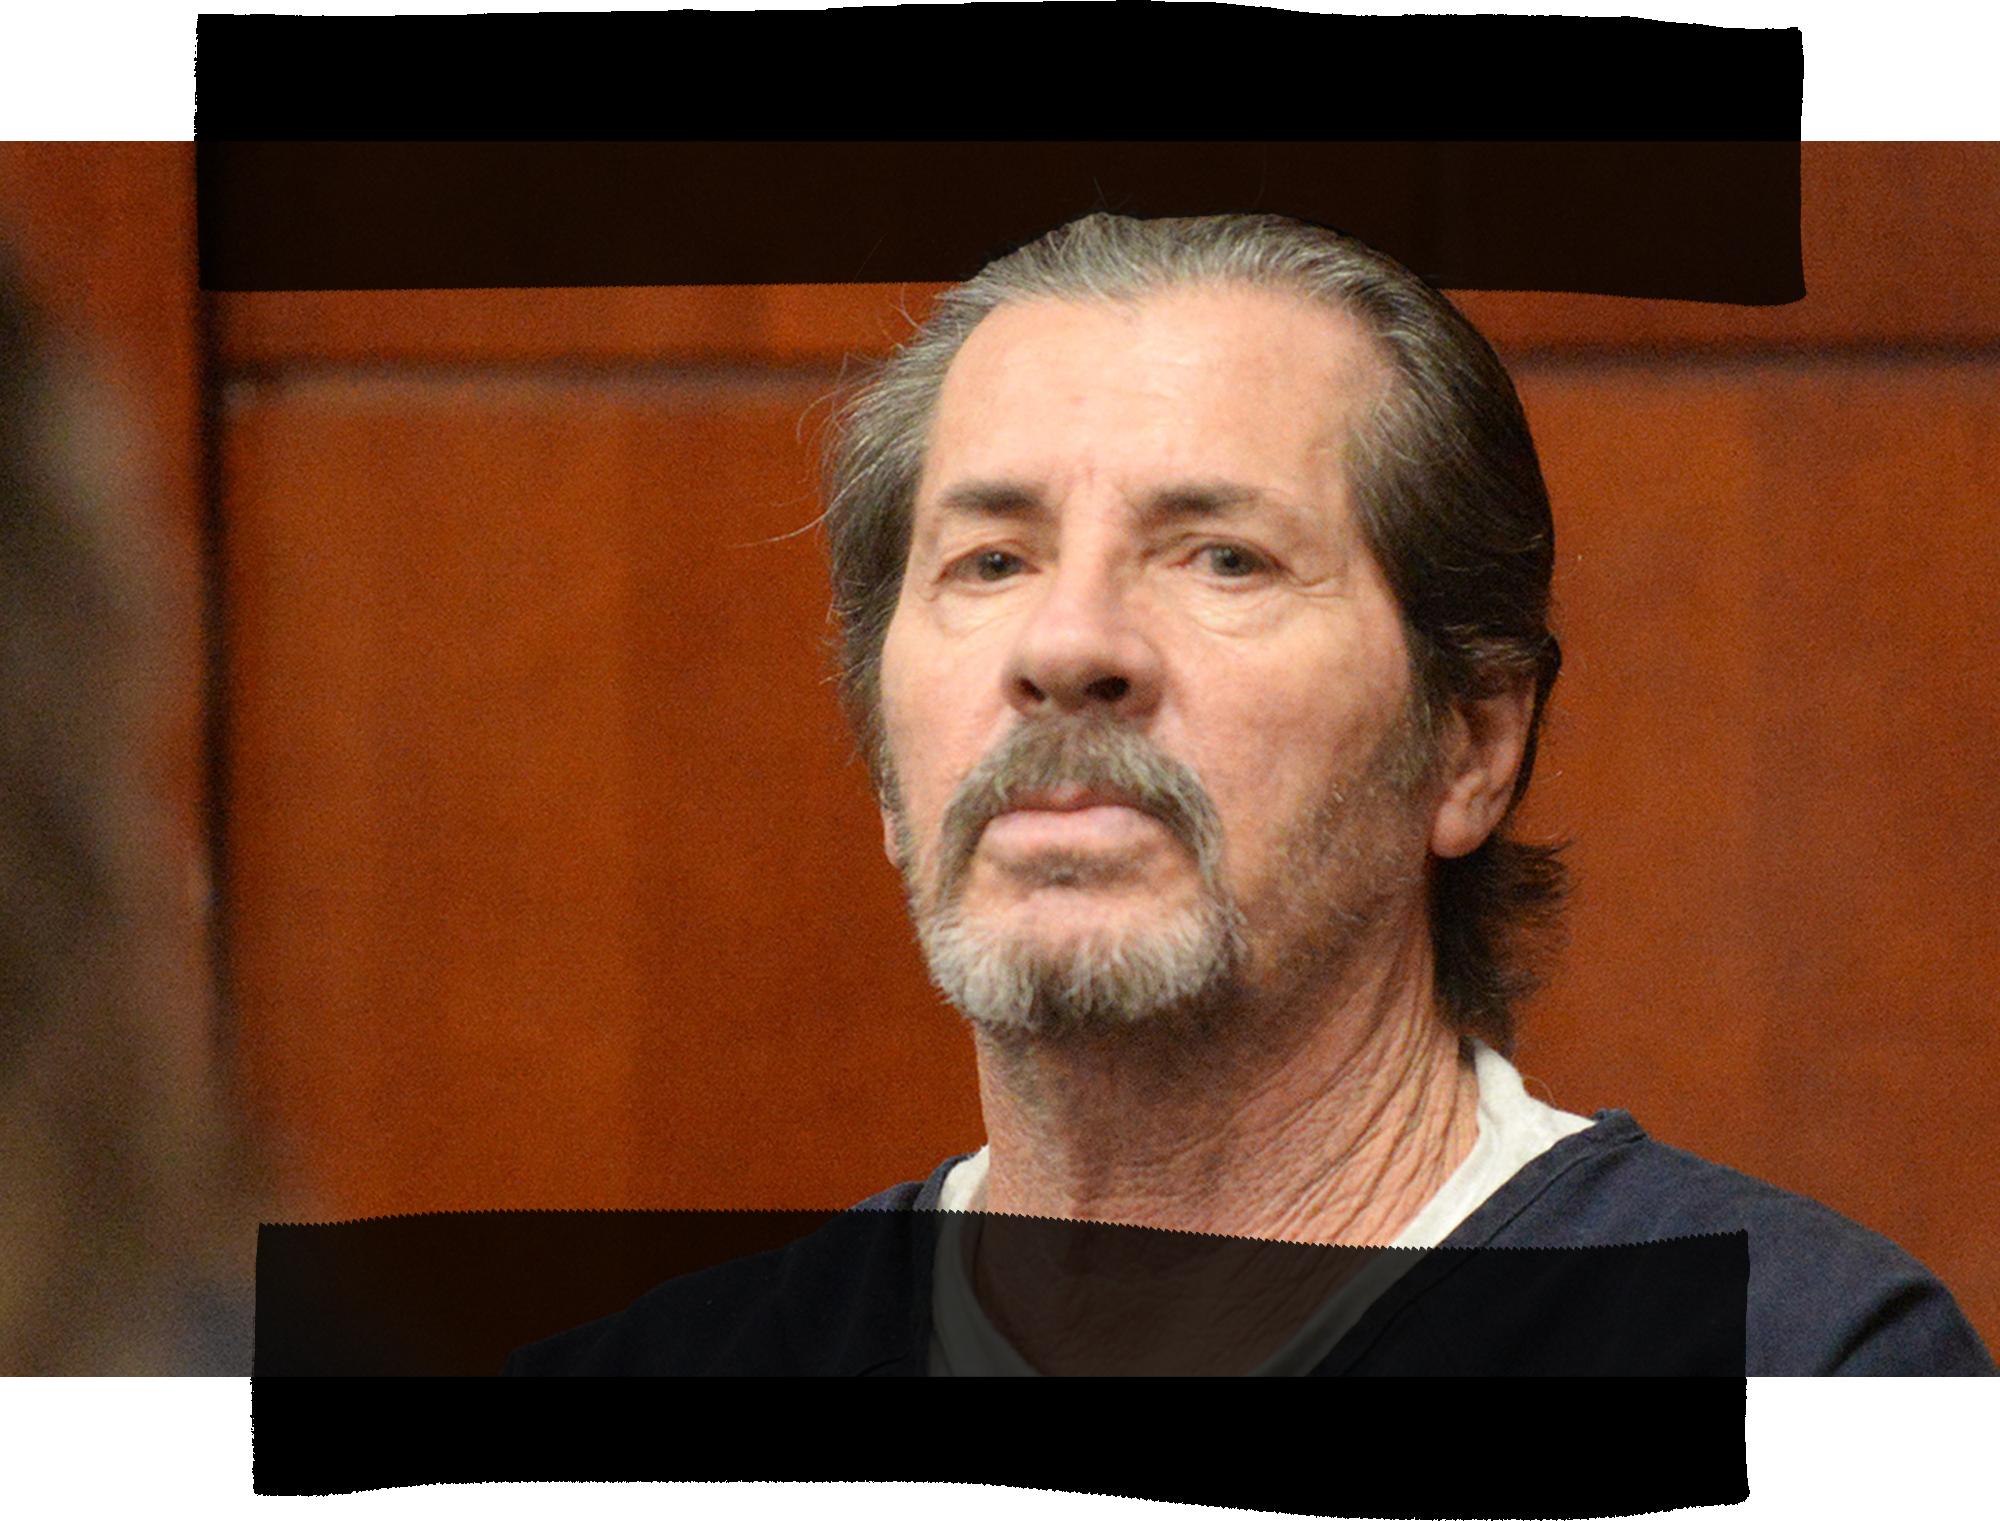 Rick Hazel in court